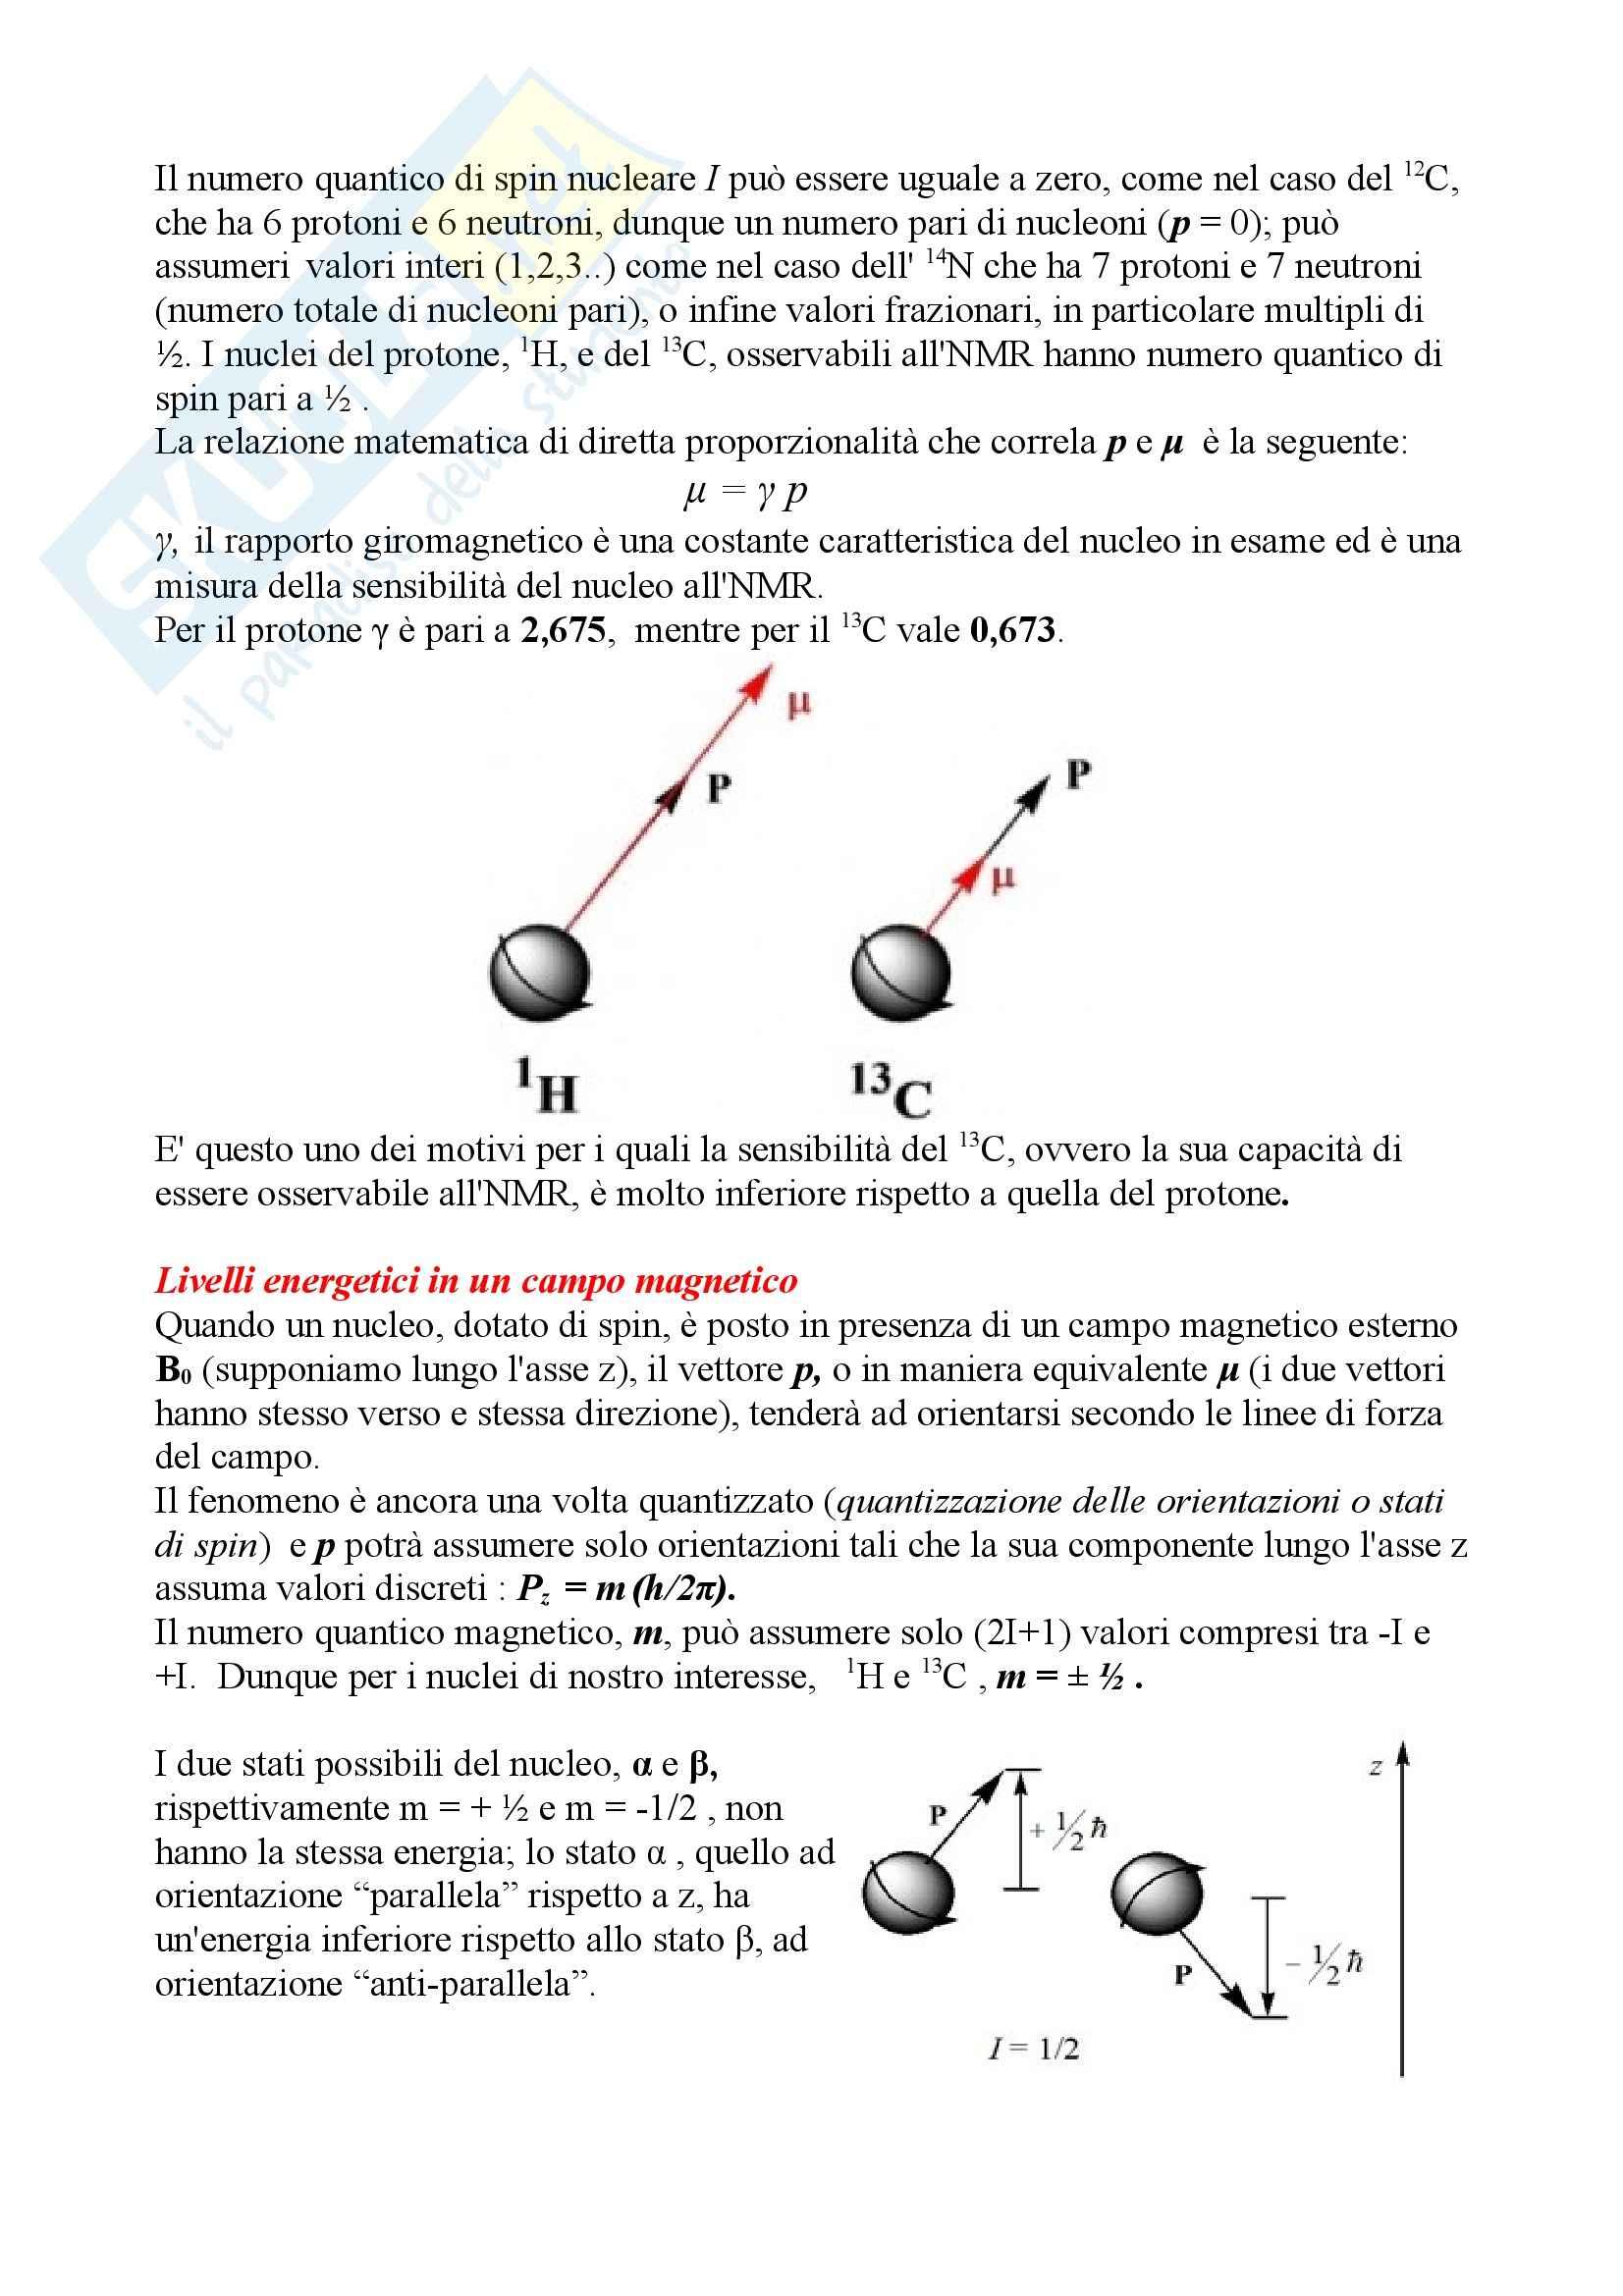 Chimica organica - NMR, spettroscopia di risonanza magnetica nucleare Pag. 2